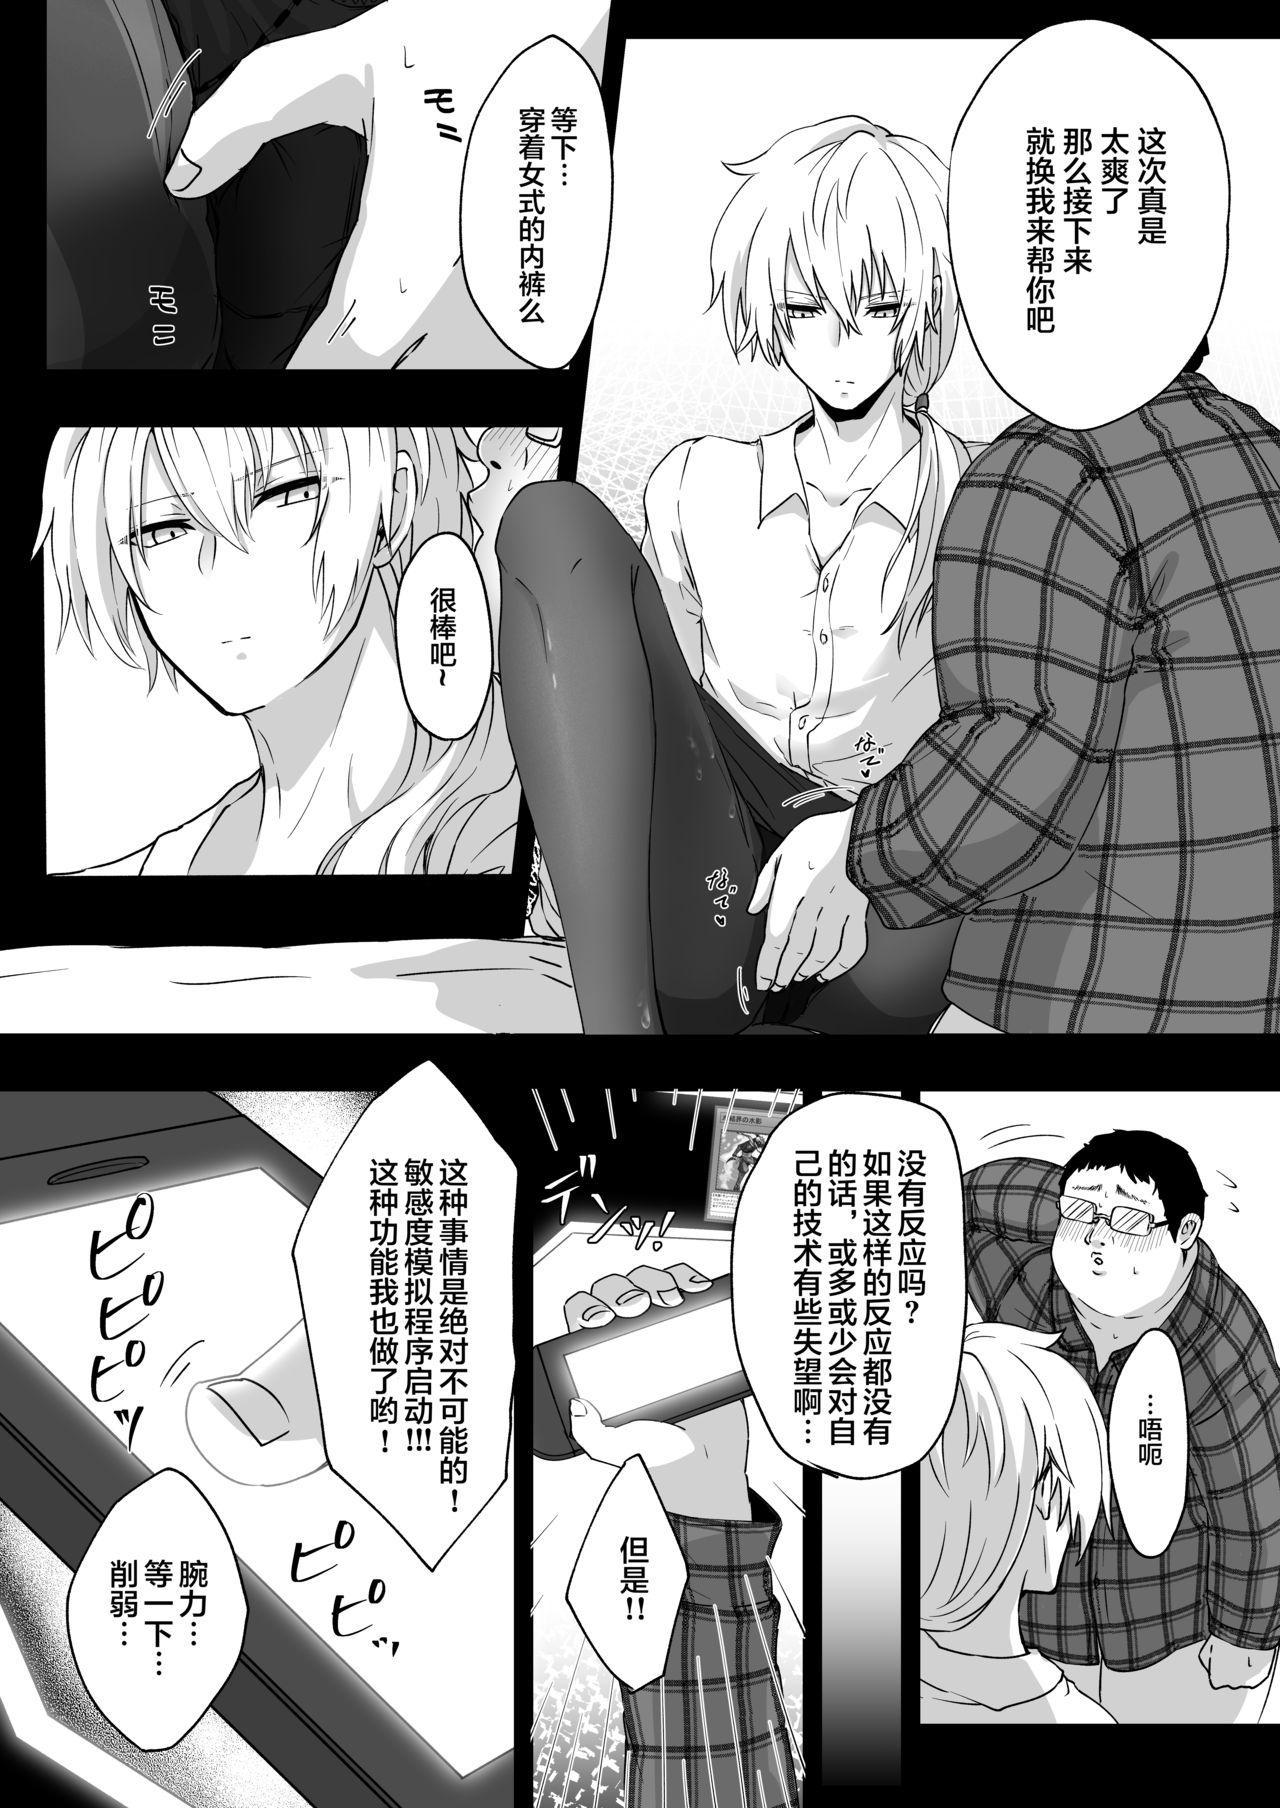 Shitsuryou o Motta Solid Vision, Saikou kayo 17